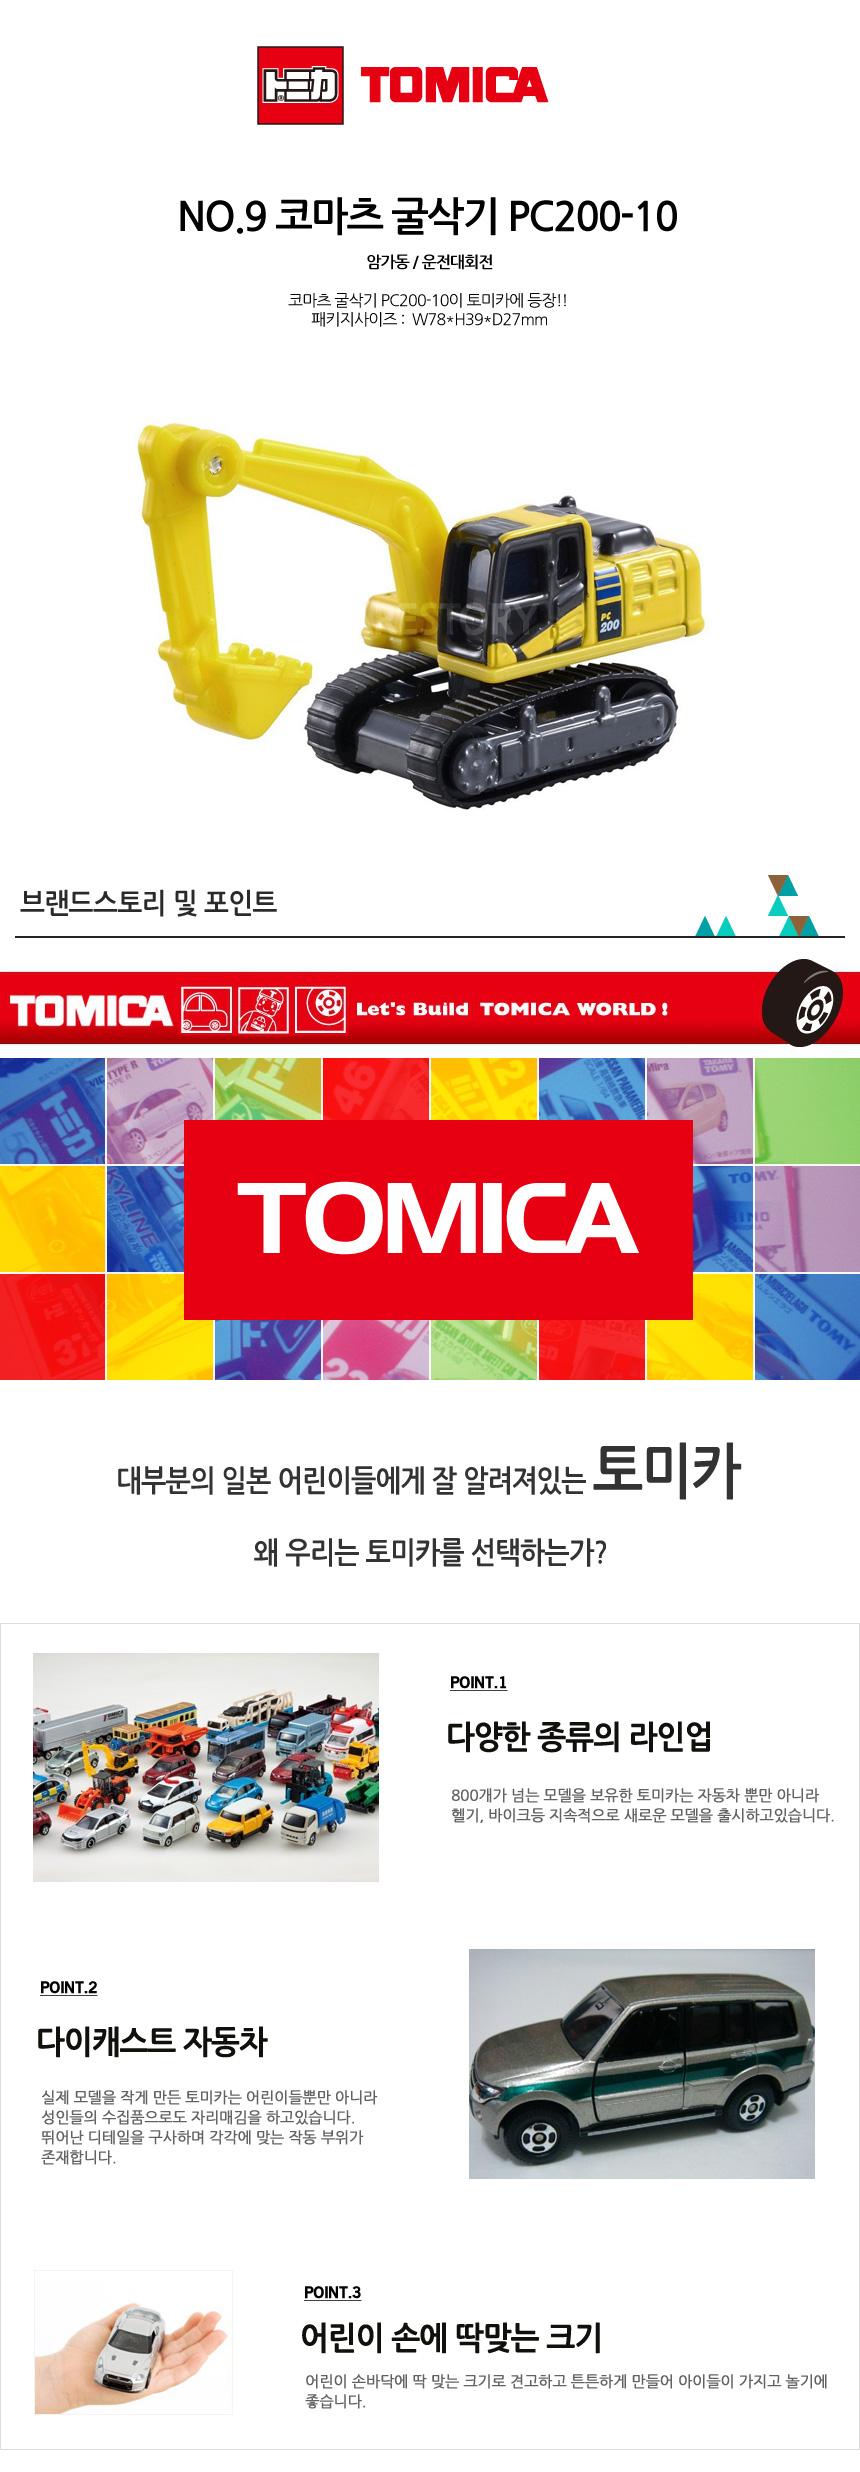 [토미카]NO.9 코마츠 굴삭기 PC200-10 - 토미카, 7,000원, 자동차 모형, 버스/트레일러/트럭